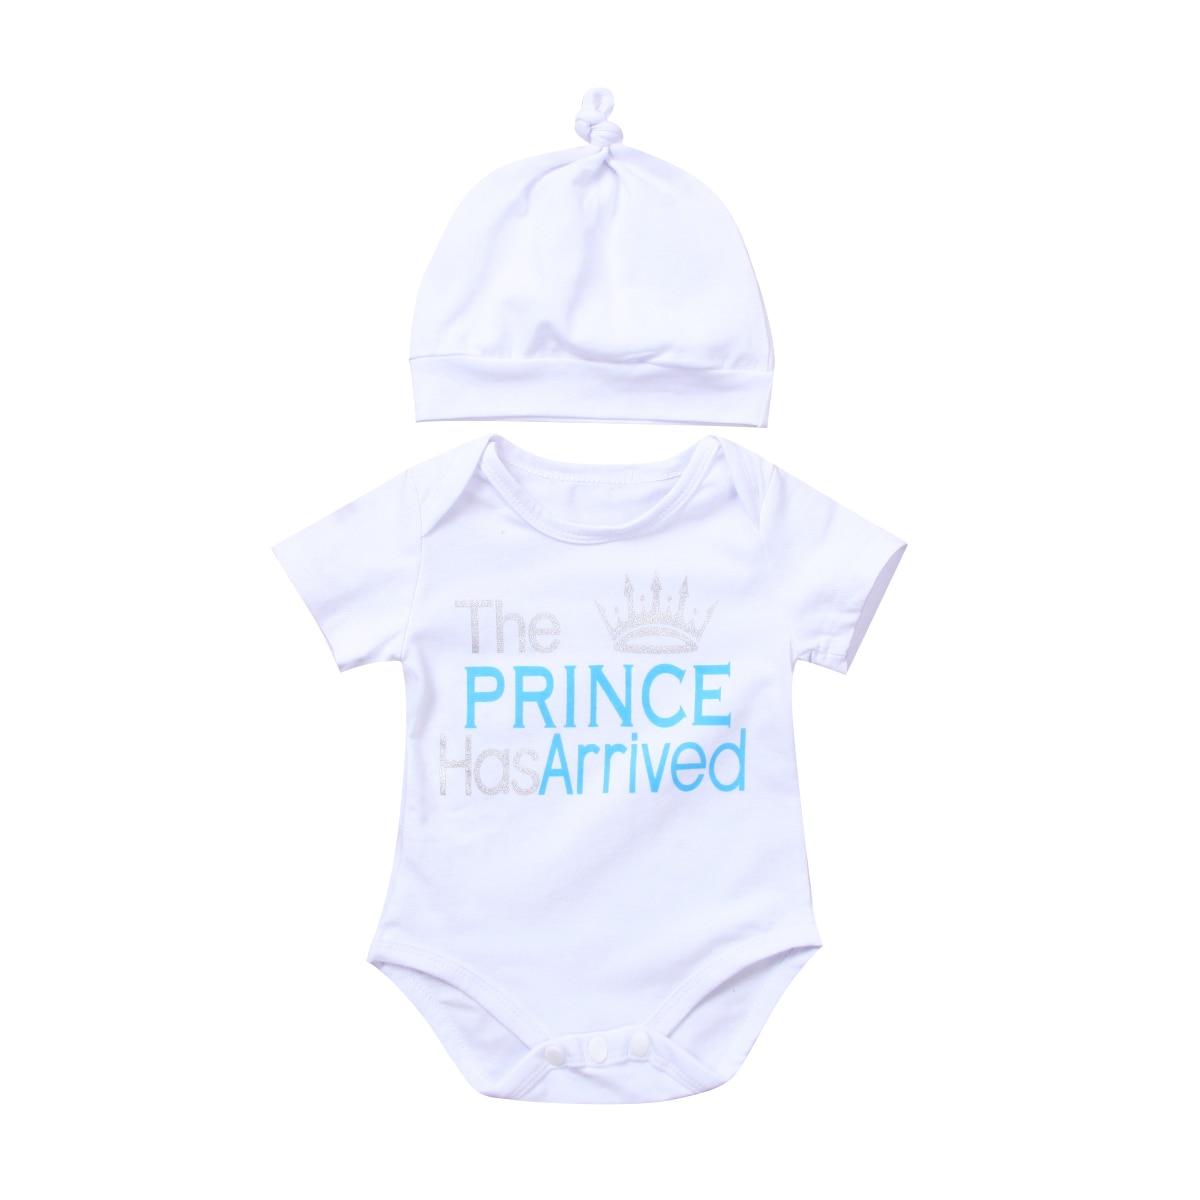 9895629dfe1b 0-18M Newborn Baby Boy Infant Cute Prince letter Romper Jumpsuit Playsuit  Body suit Outfits babies cotton clothes